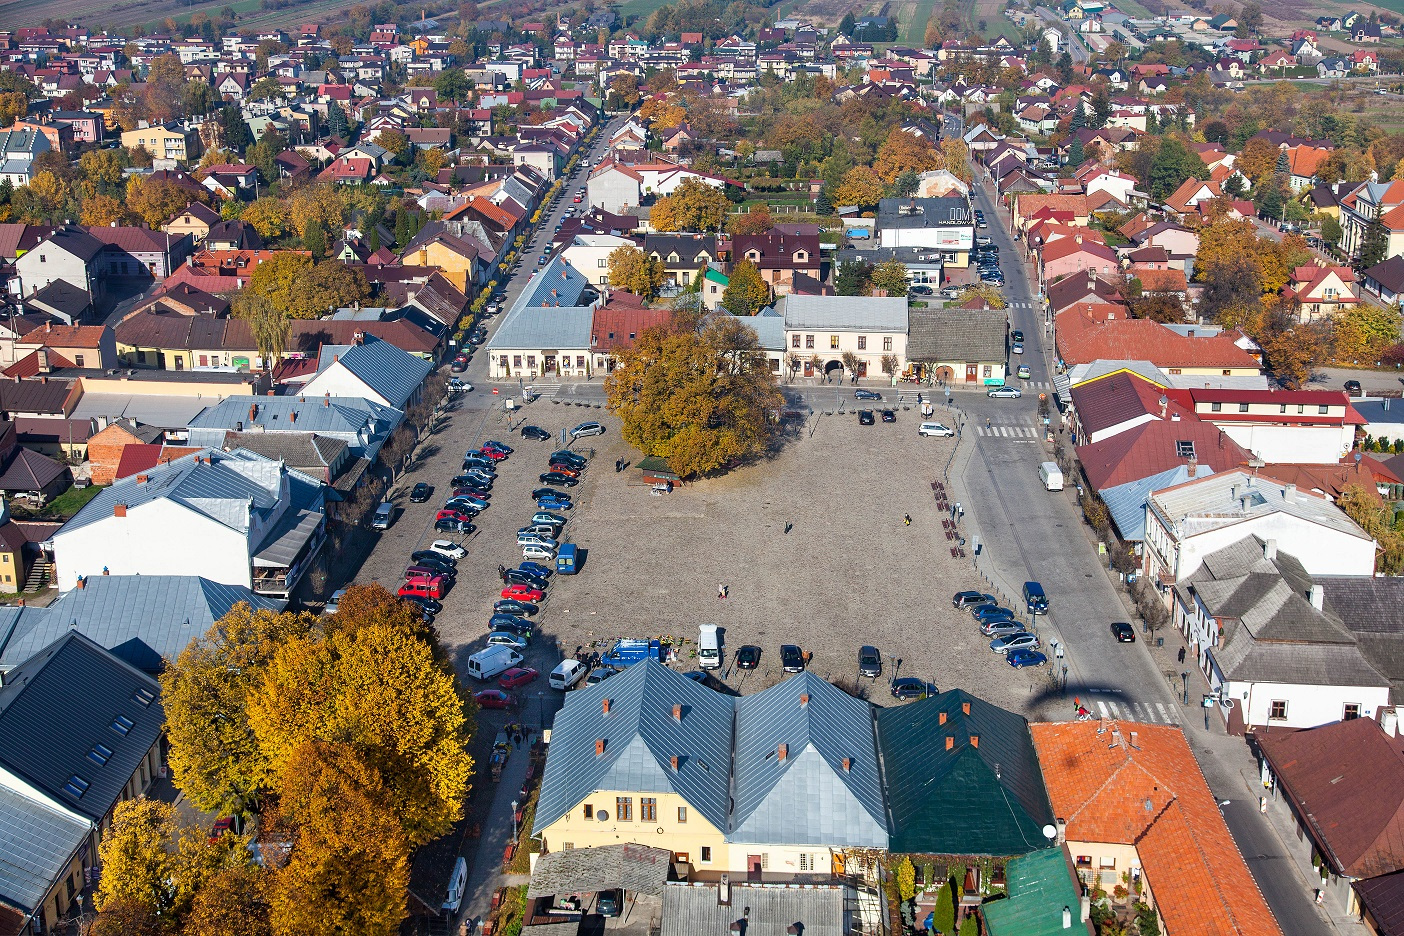 Stary Sacz, Rynek Starego Miasta. EU, Pl, Malopolska. Lotnicze.